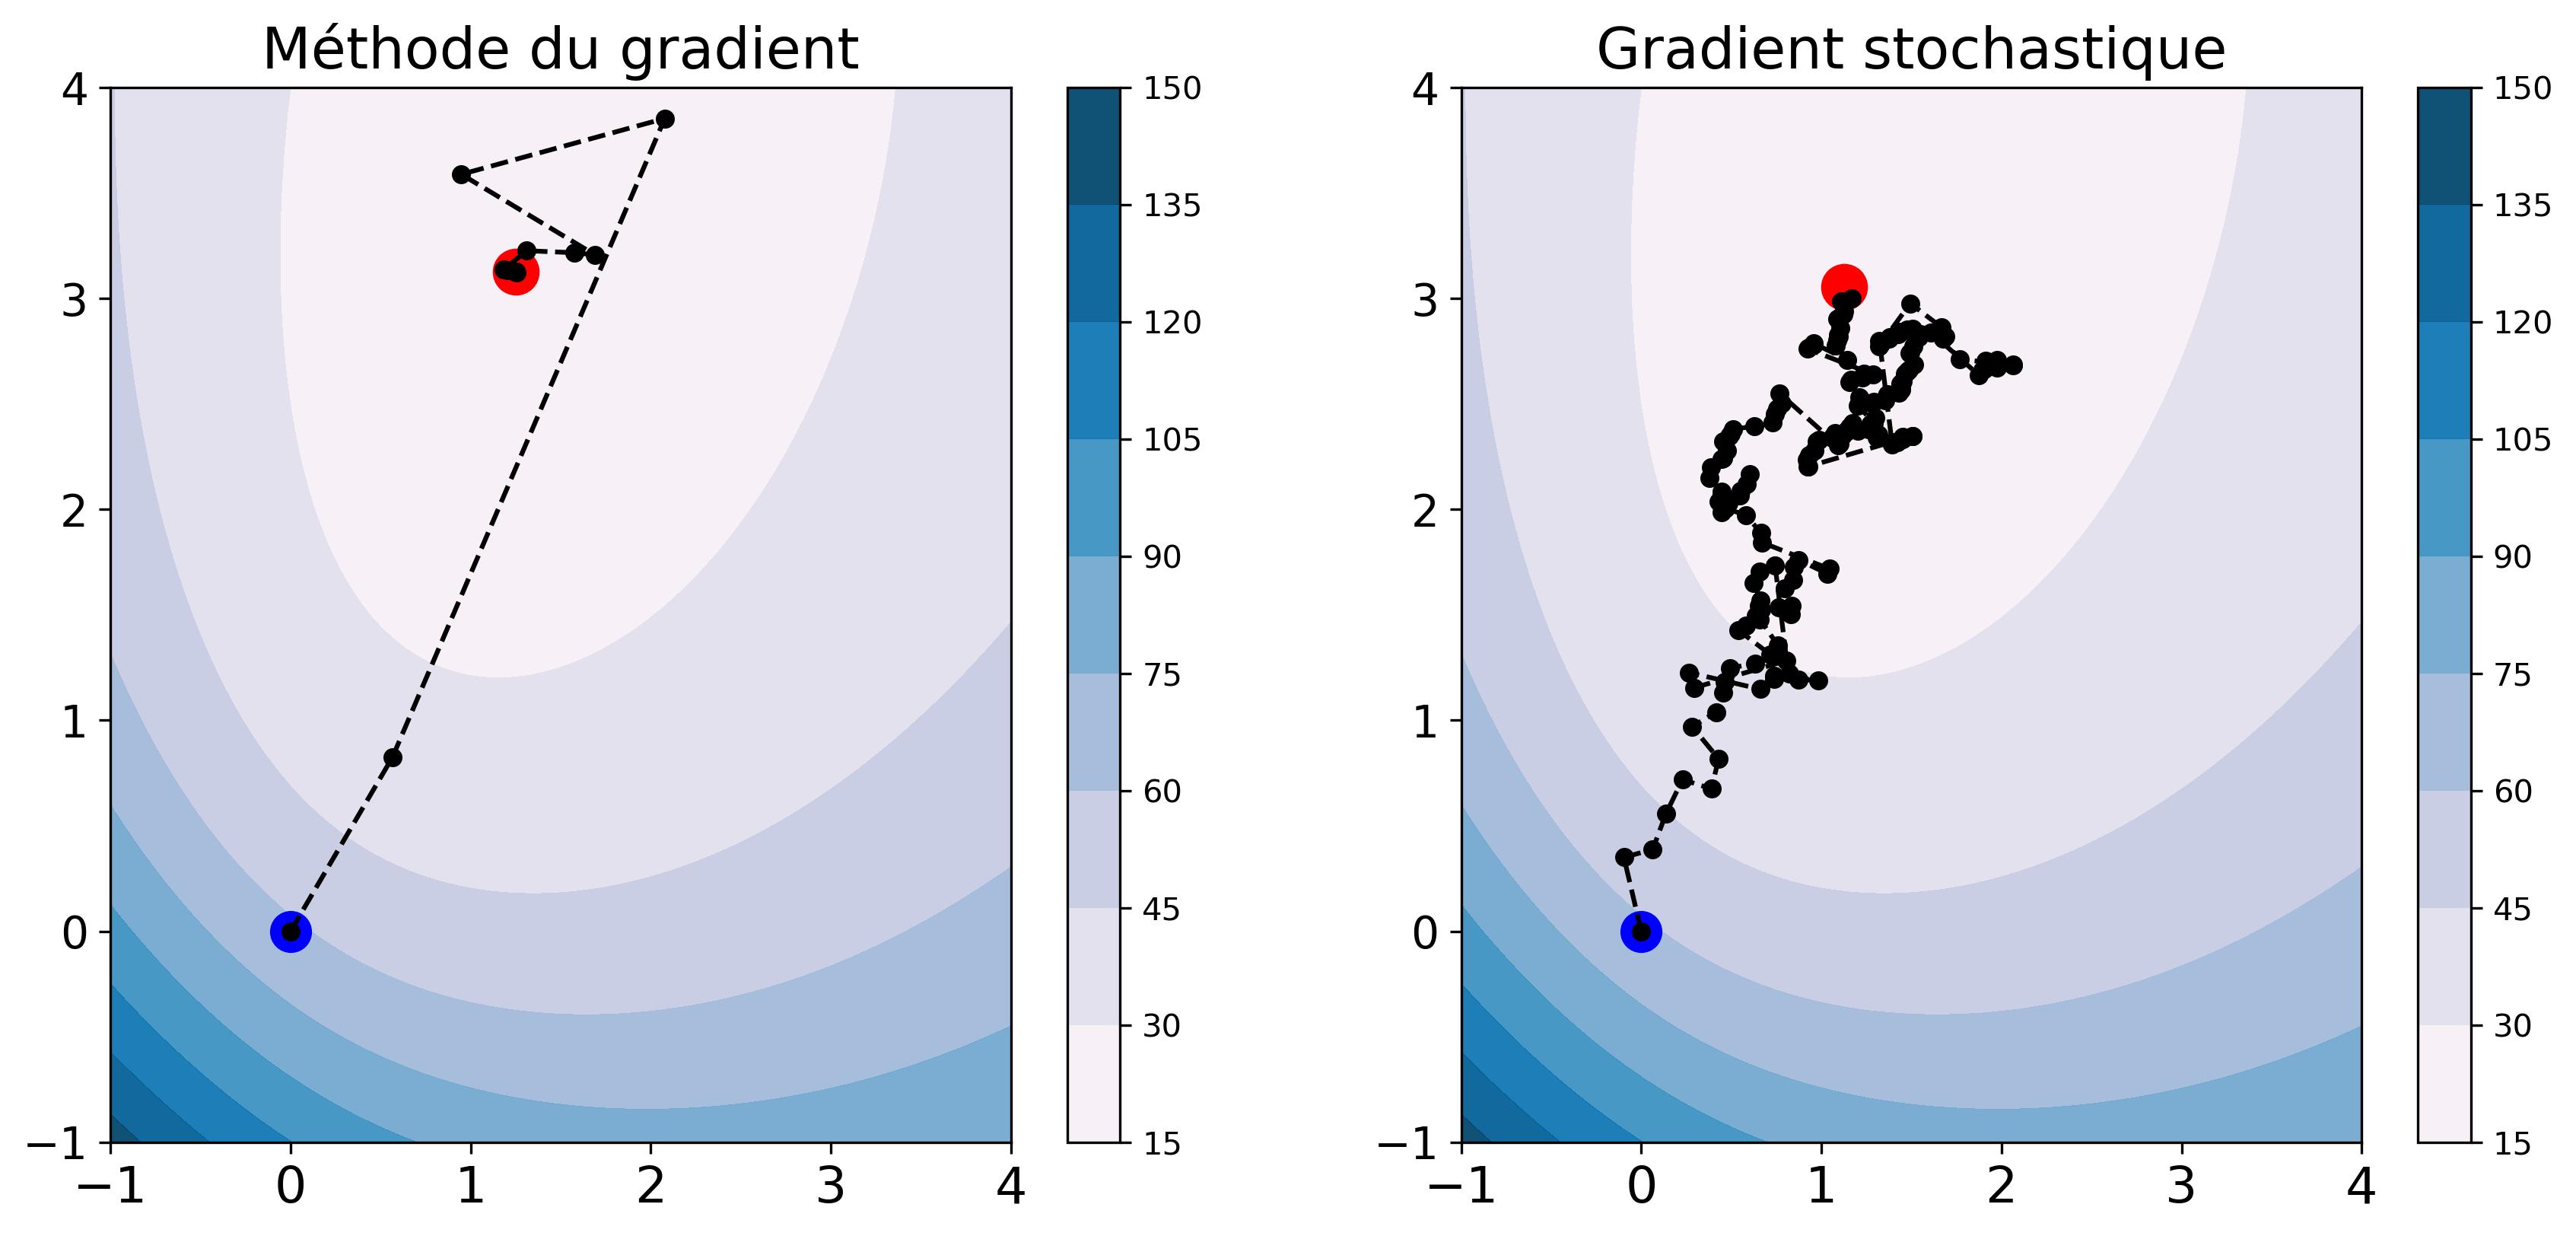 Figure 1 : comparaison méthodes du gradient et gradient stochastique sur le problème de classification d'athlètes à partir de données biologiques (voir chapitre sur la régression logistique). Sur chaque figure, le point bleu représente l'initialisa